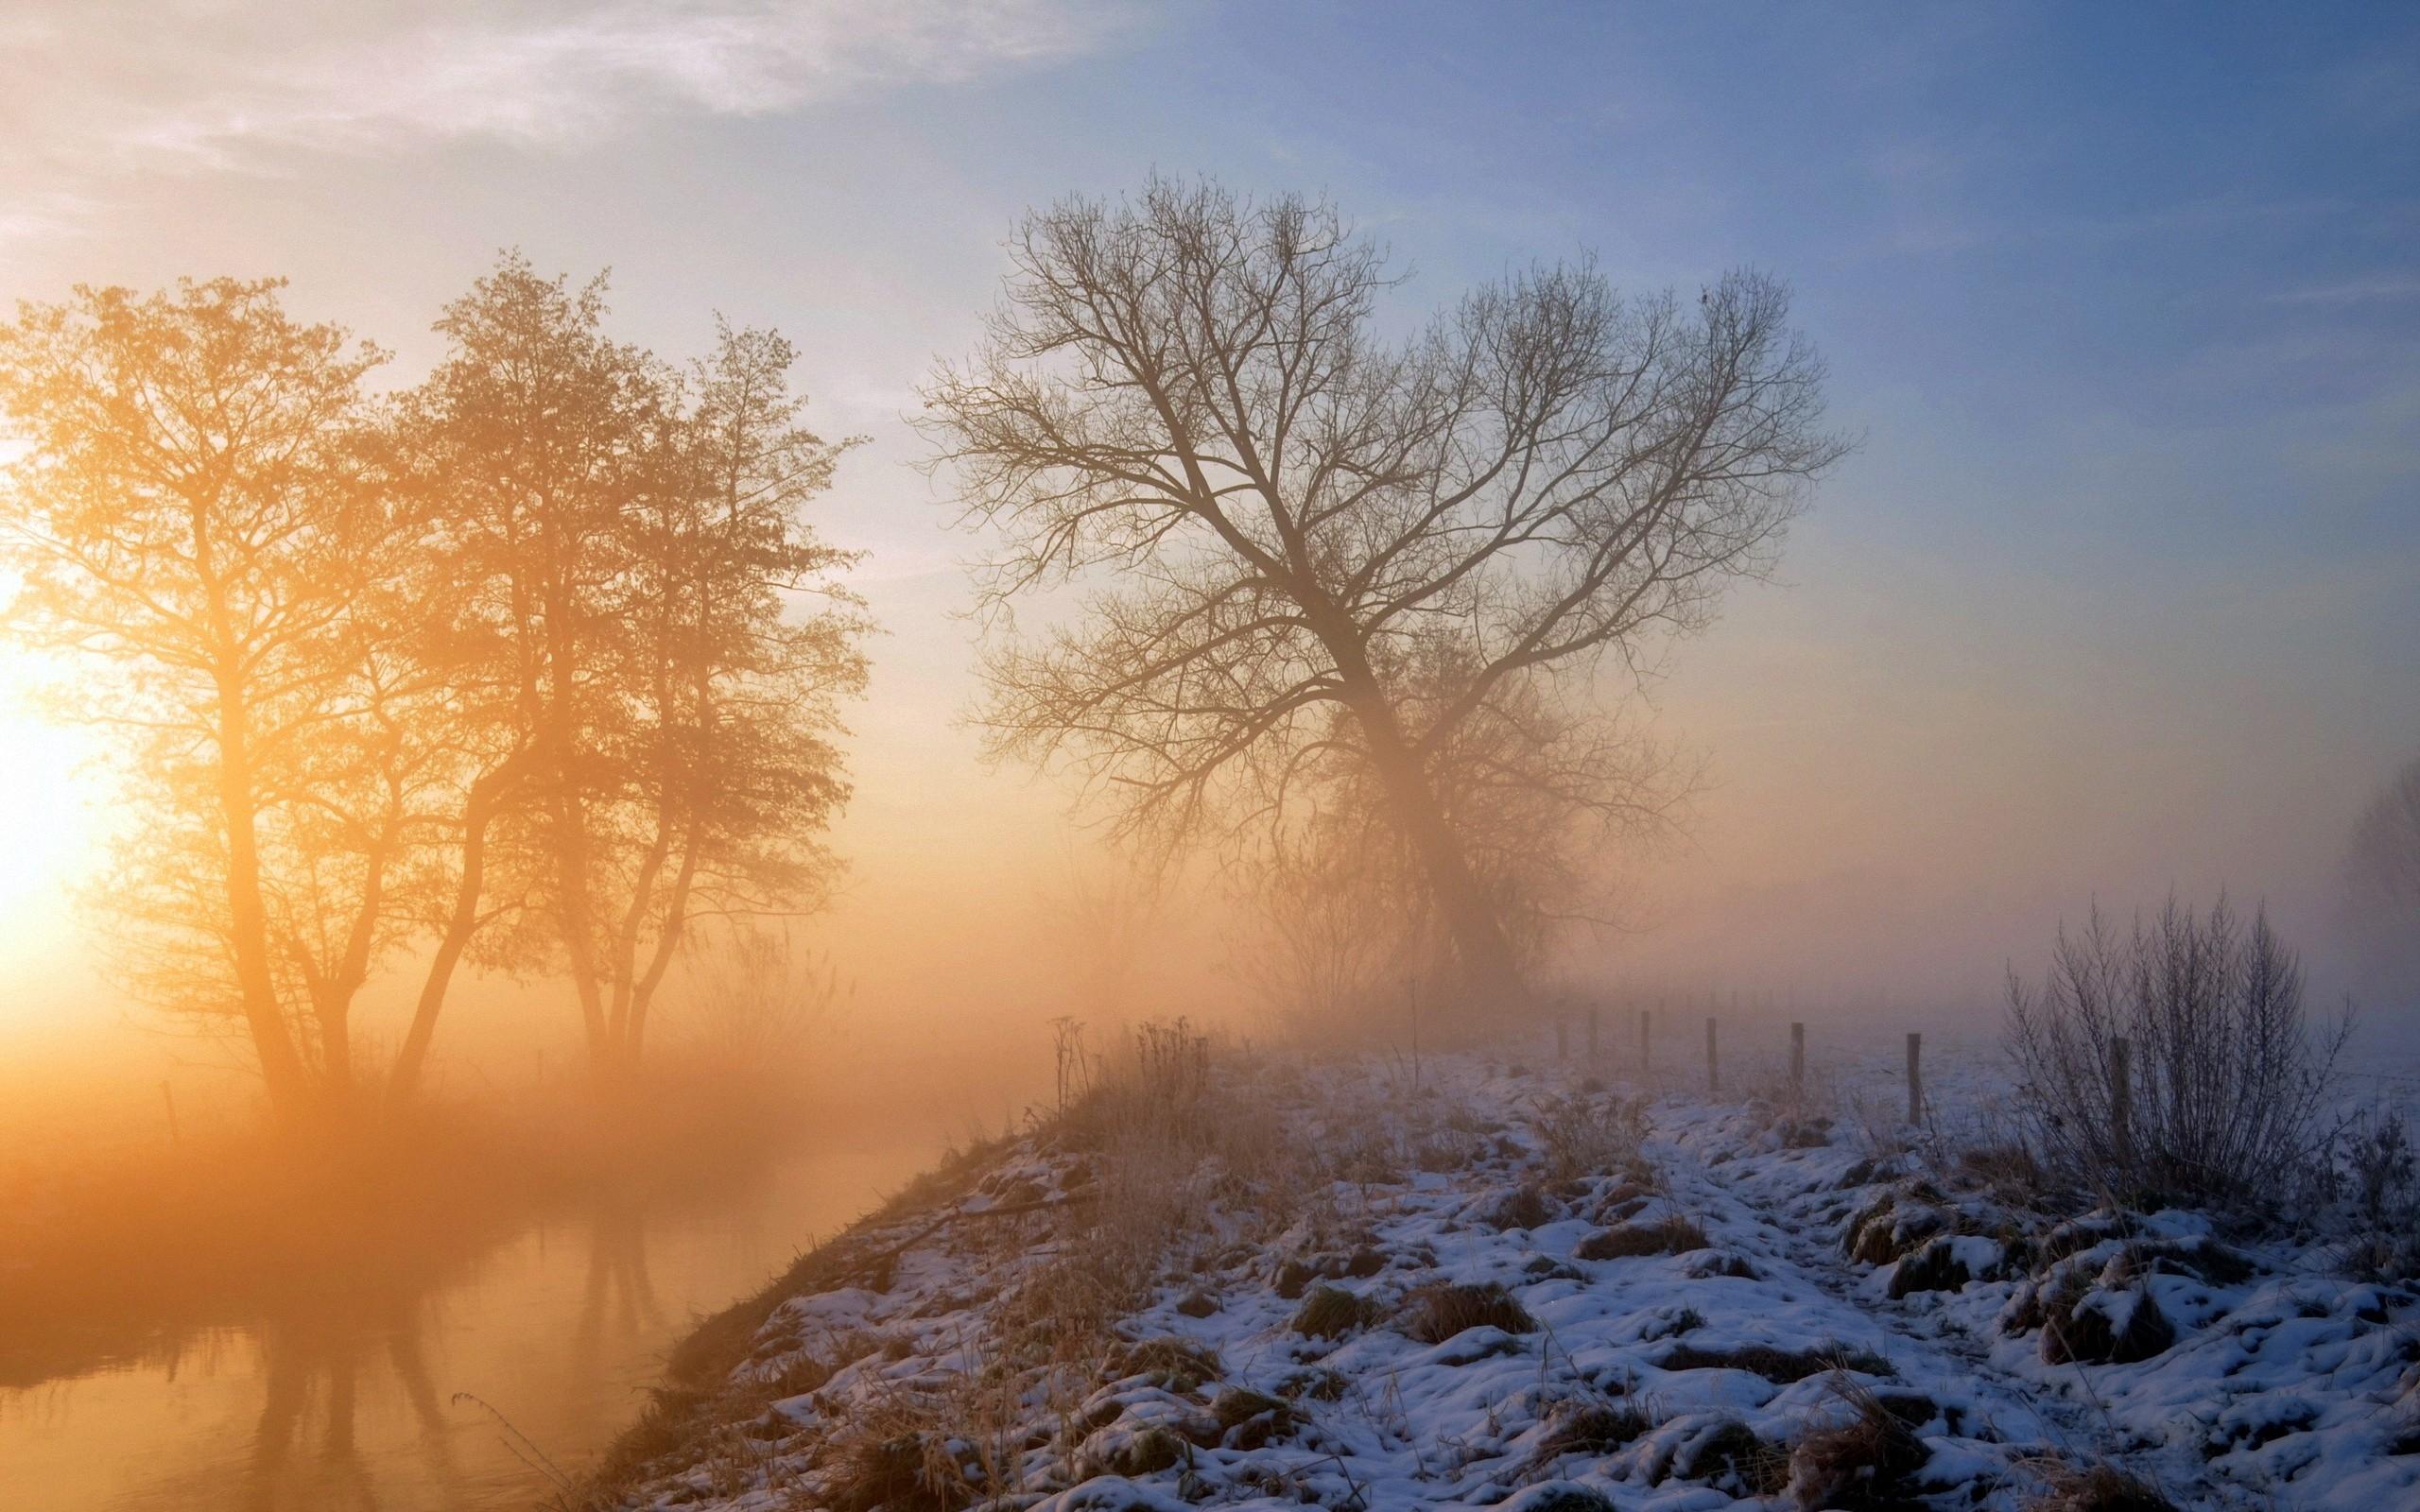 утро солнце снег картинки некоторое время, приехал